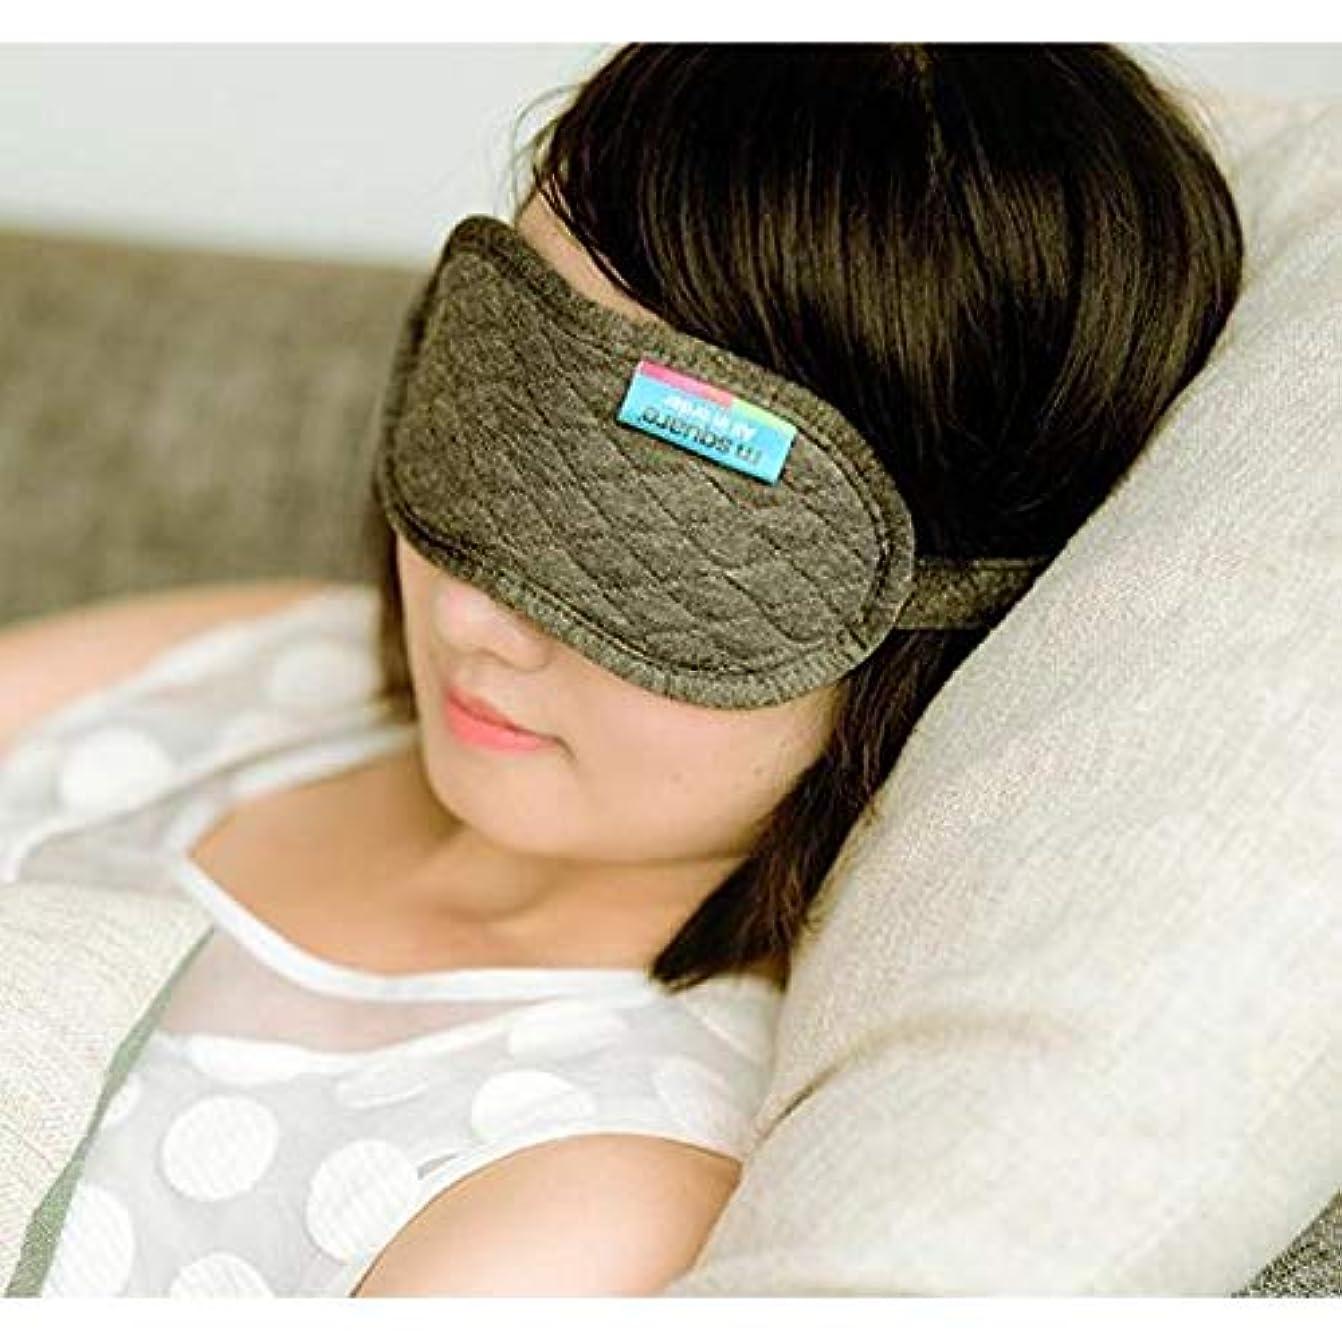 発行する低い甘くするNOTE 1ピースナチュラルスリーピングアイマスクアイシェード3dアイマスクトラベルツール低反発睡眠シェードカバー睡眠目隠しC2